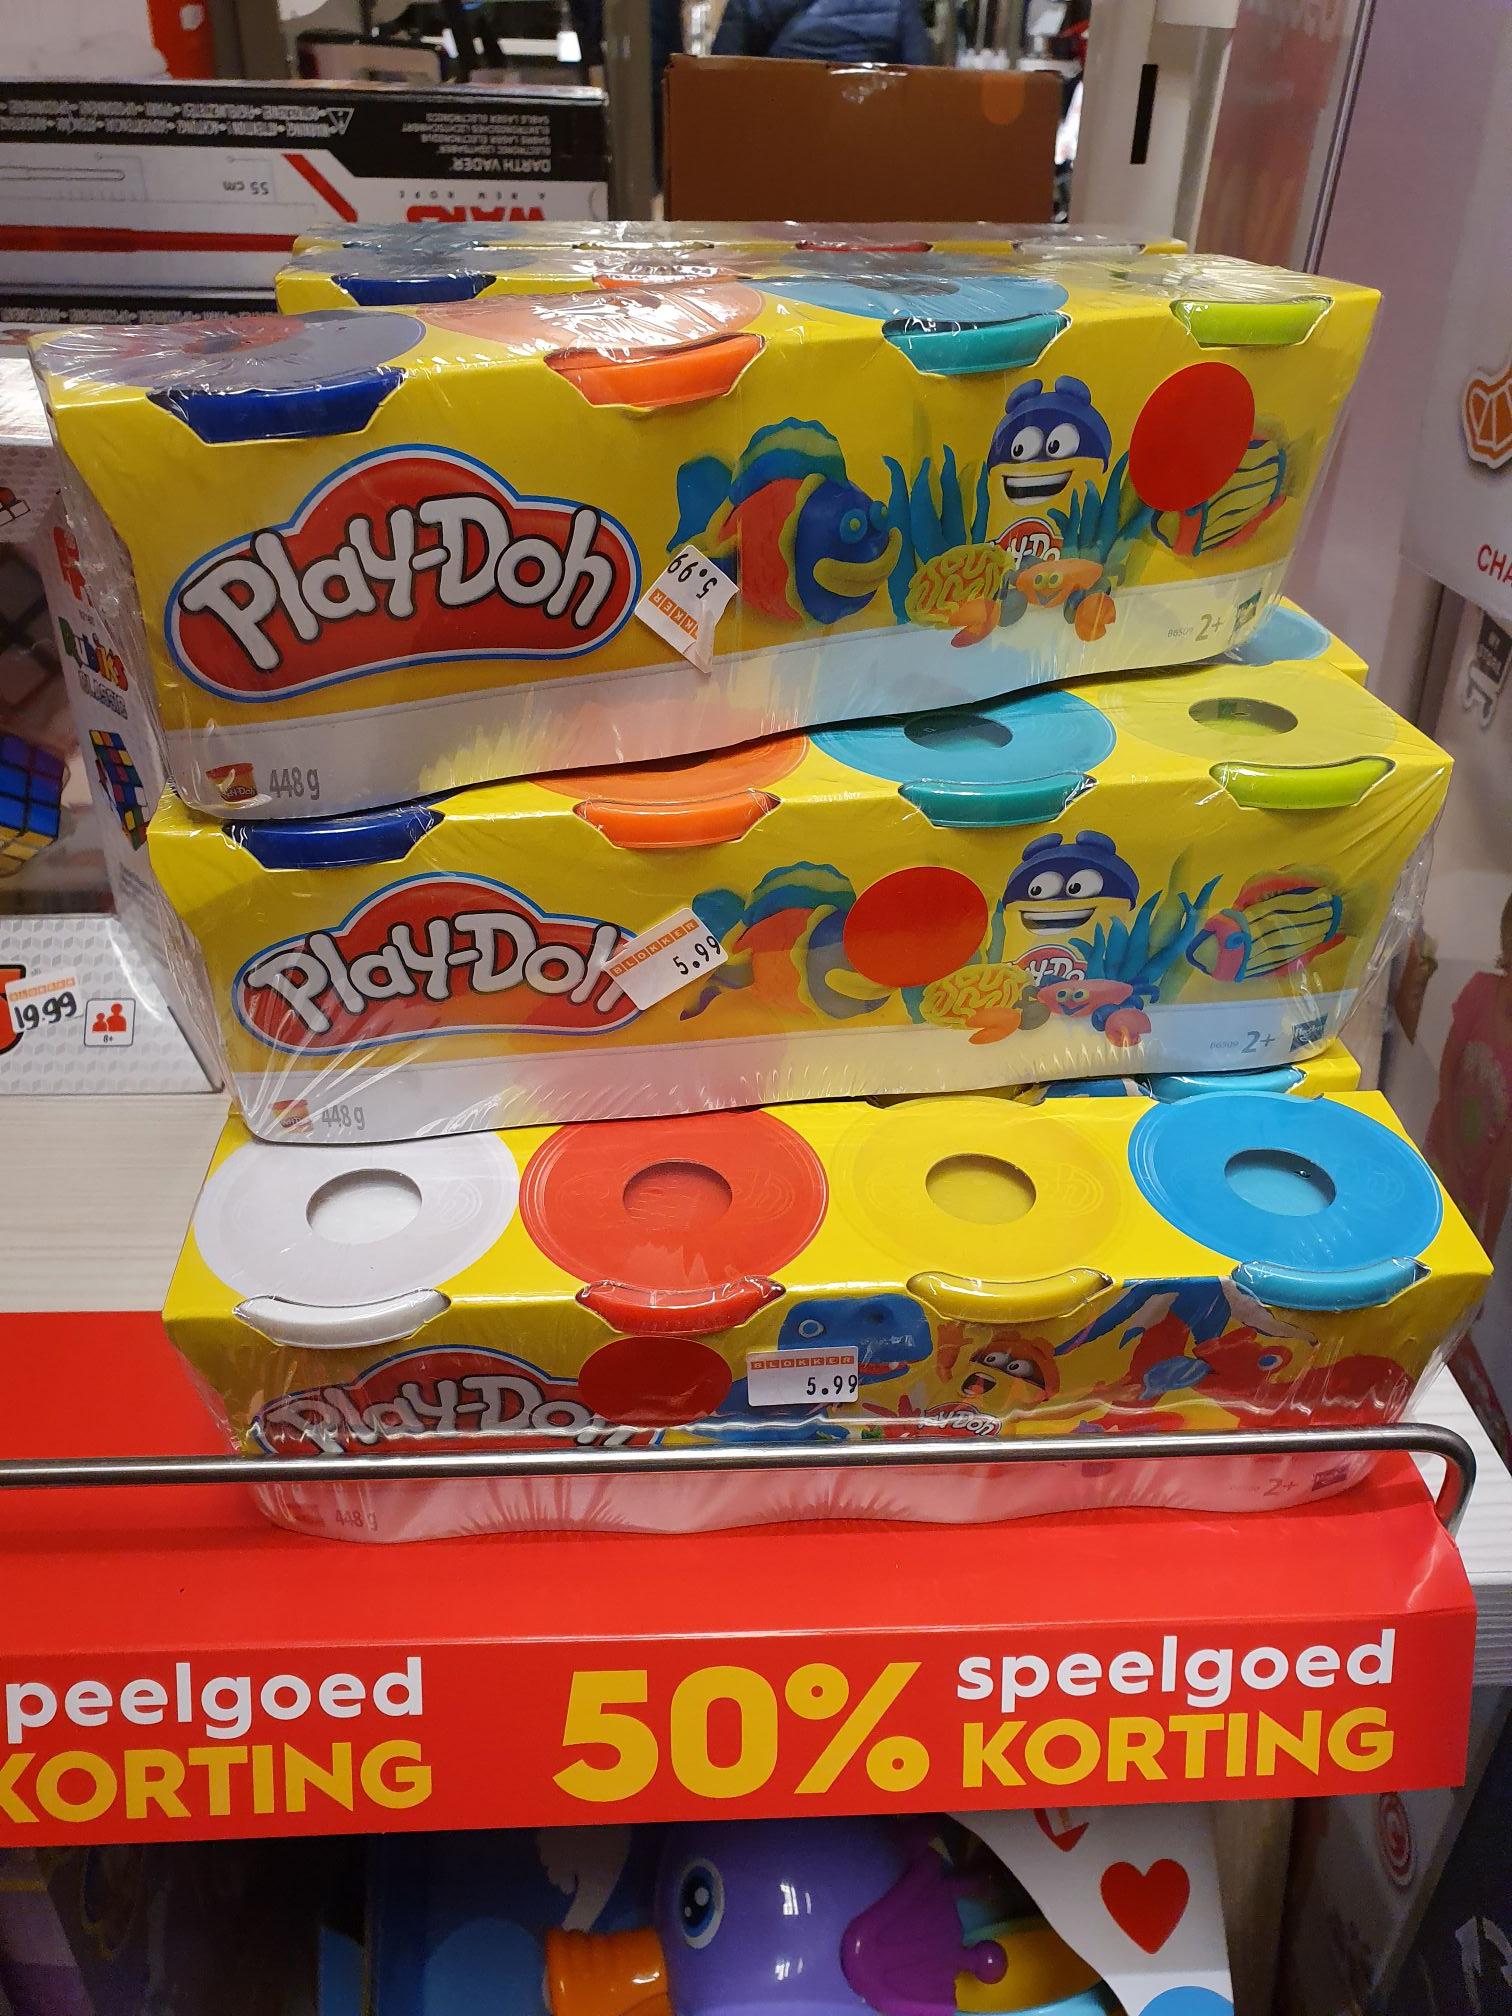 4 potjes Play-doh (448 gram) voor €2,99 @ Blokker (Papendrecht)